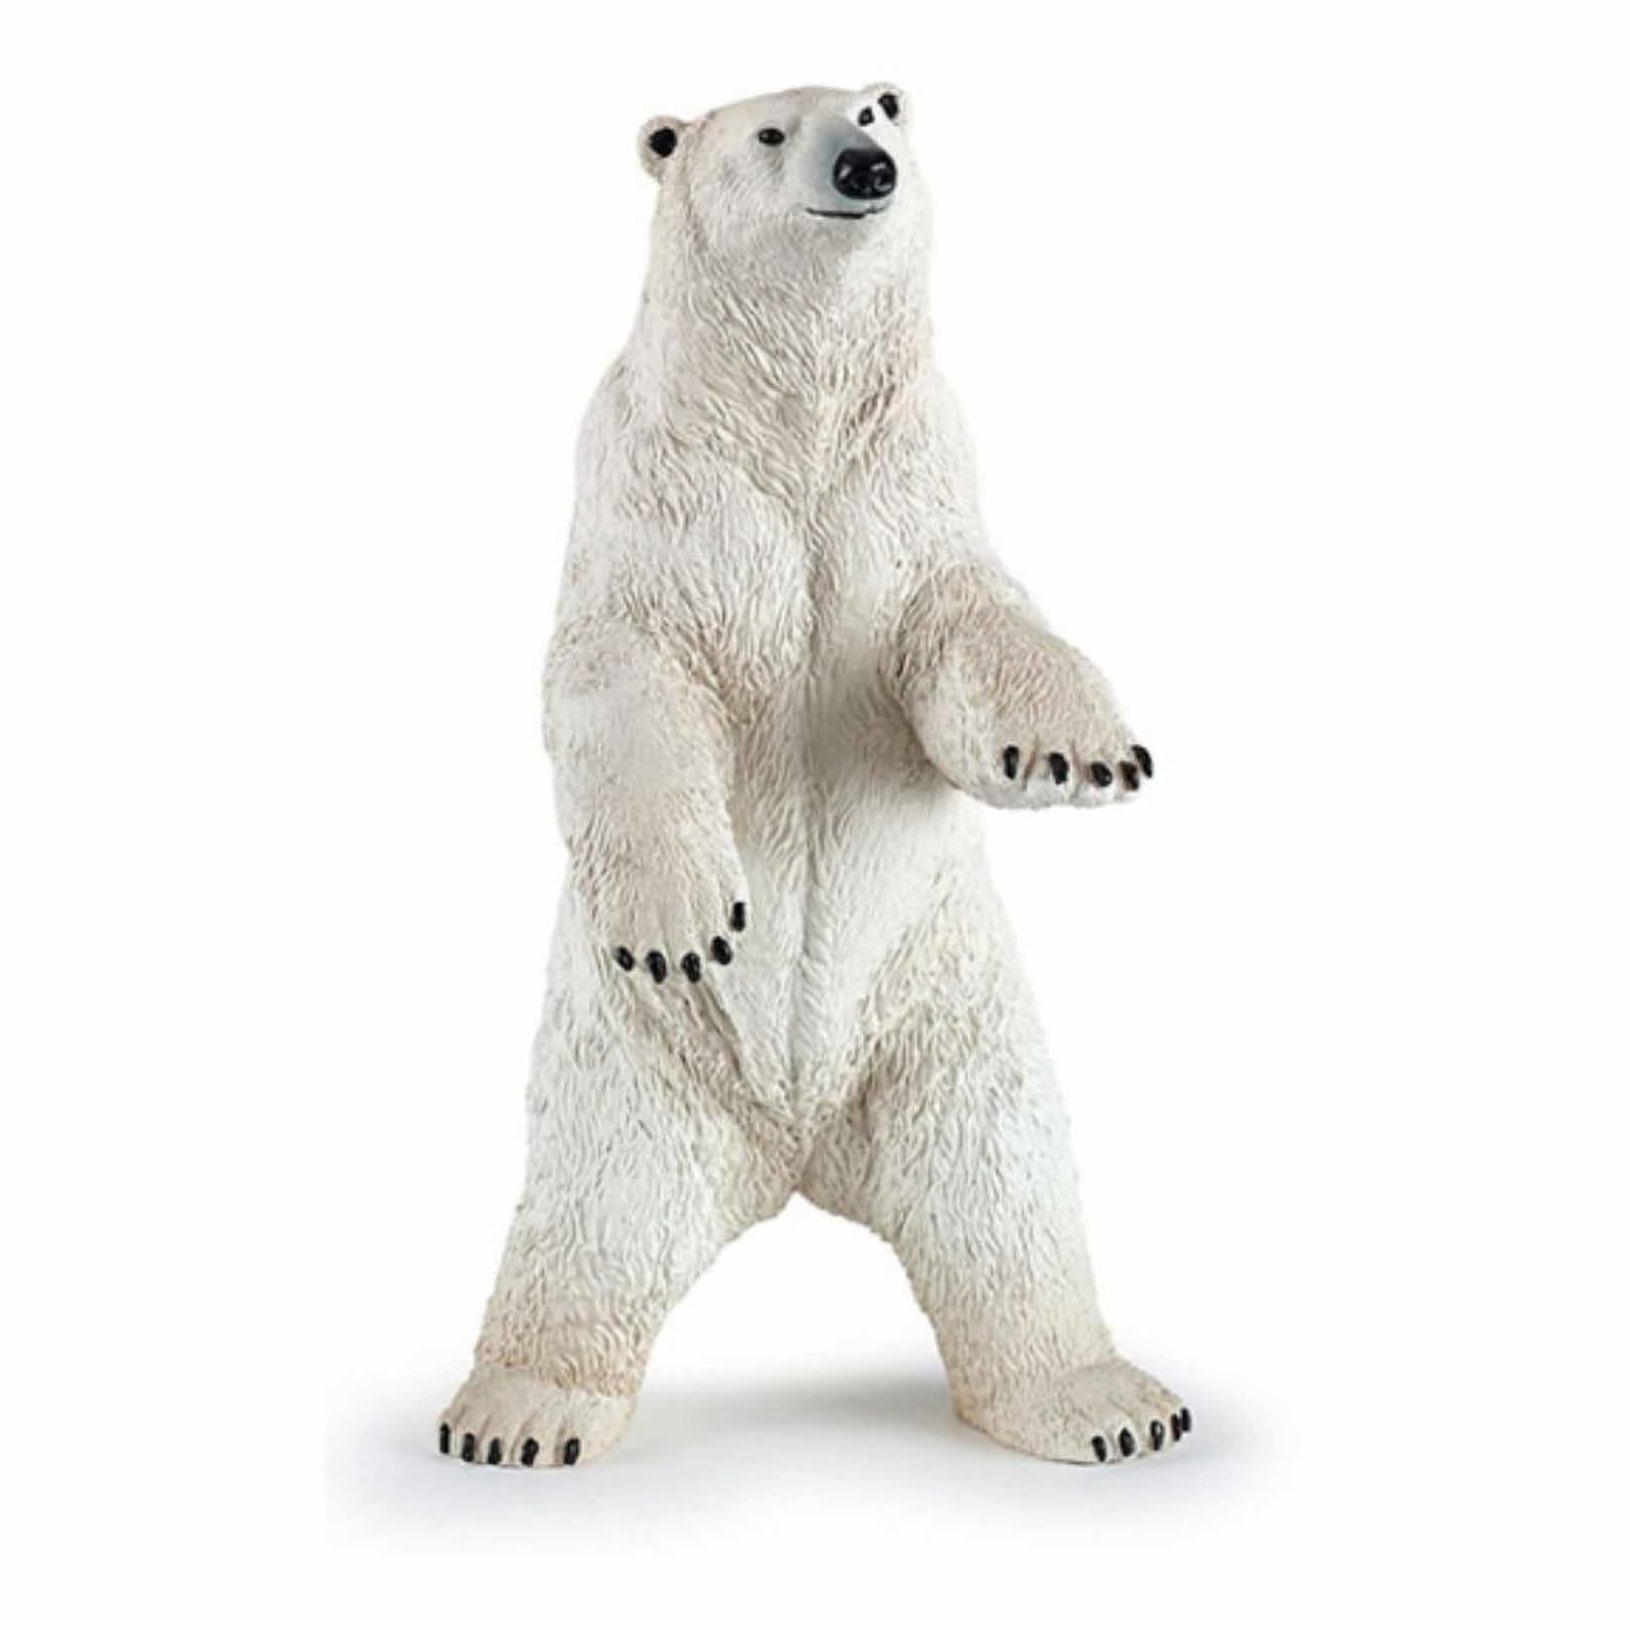 Plastic speelgoed figuur staande ijsbeer 7 cm